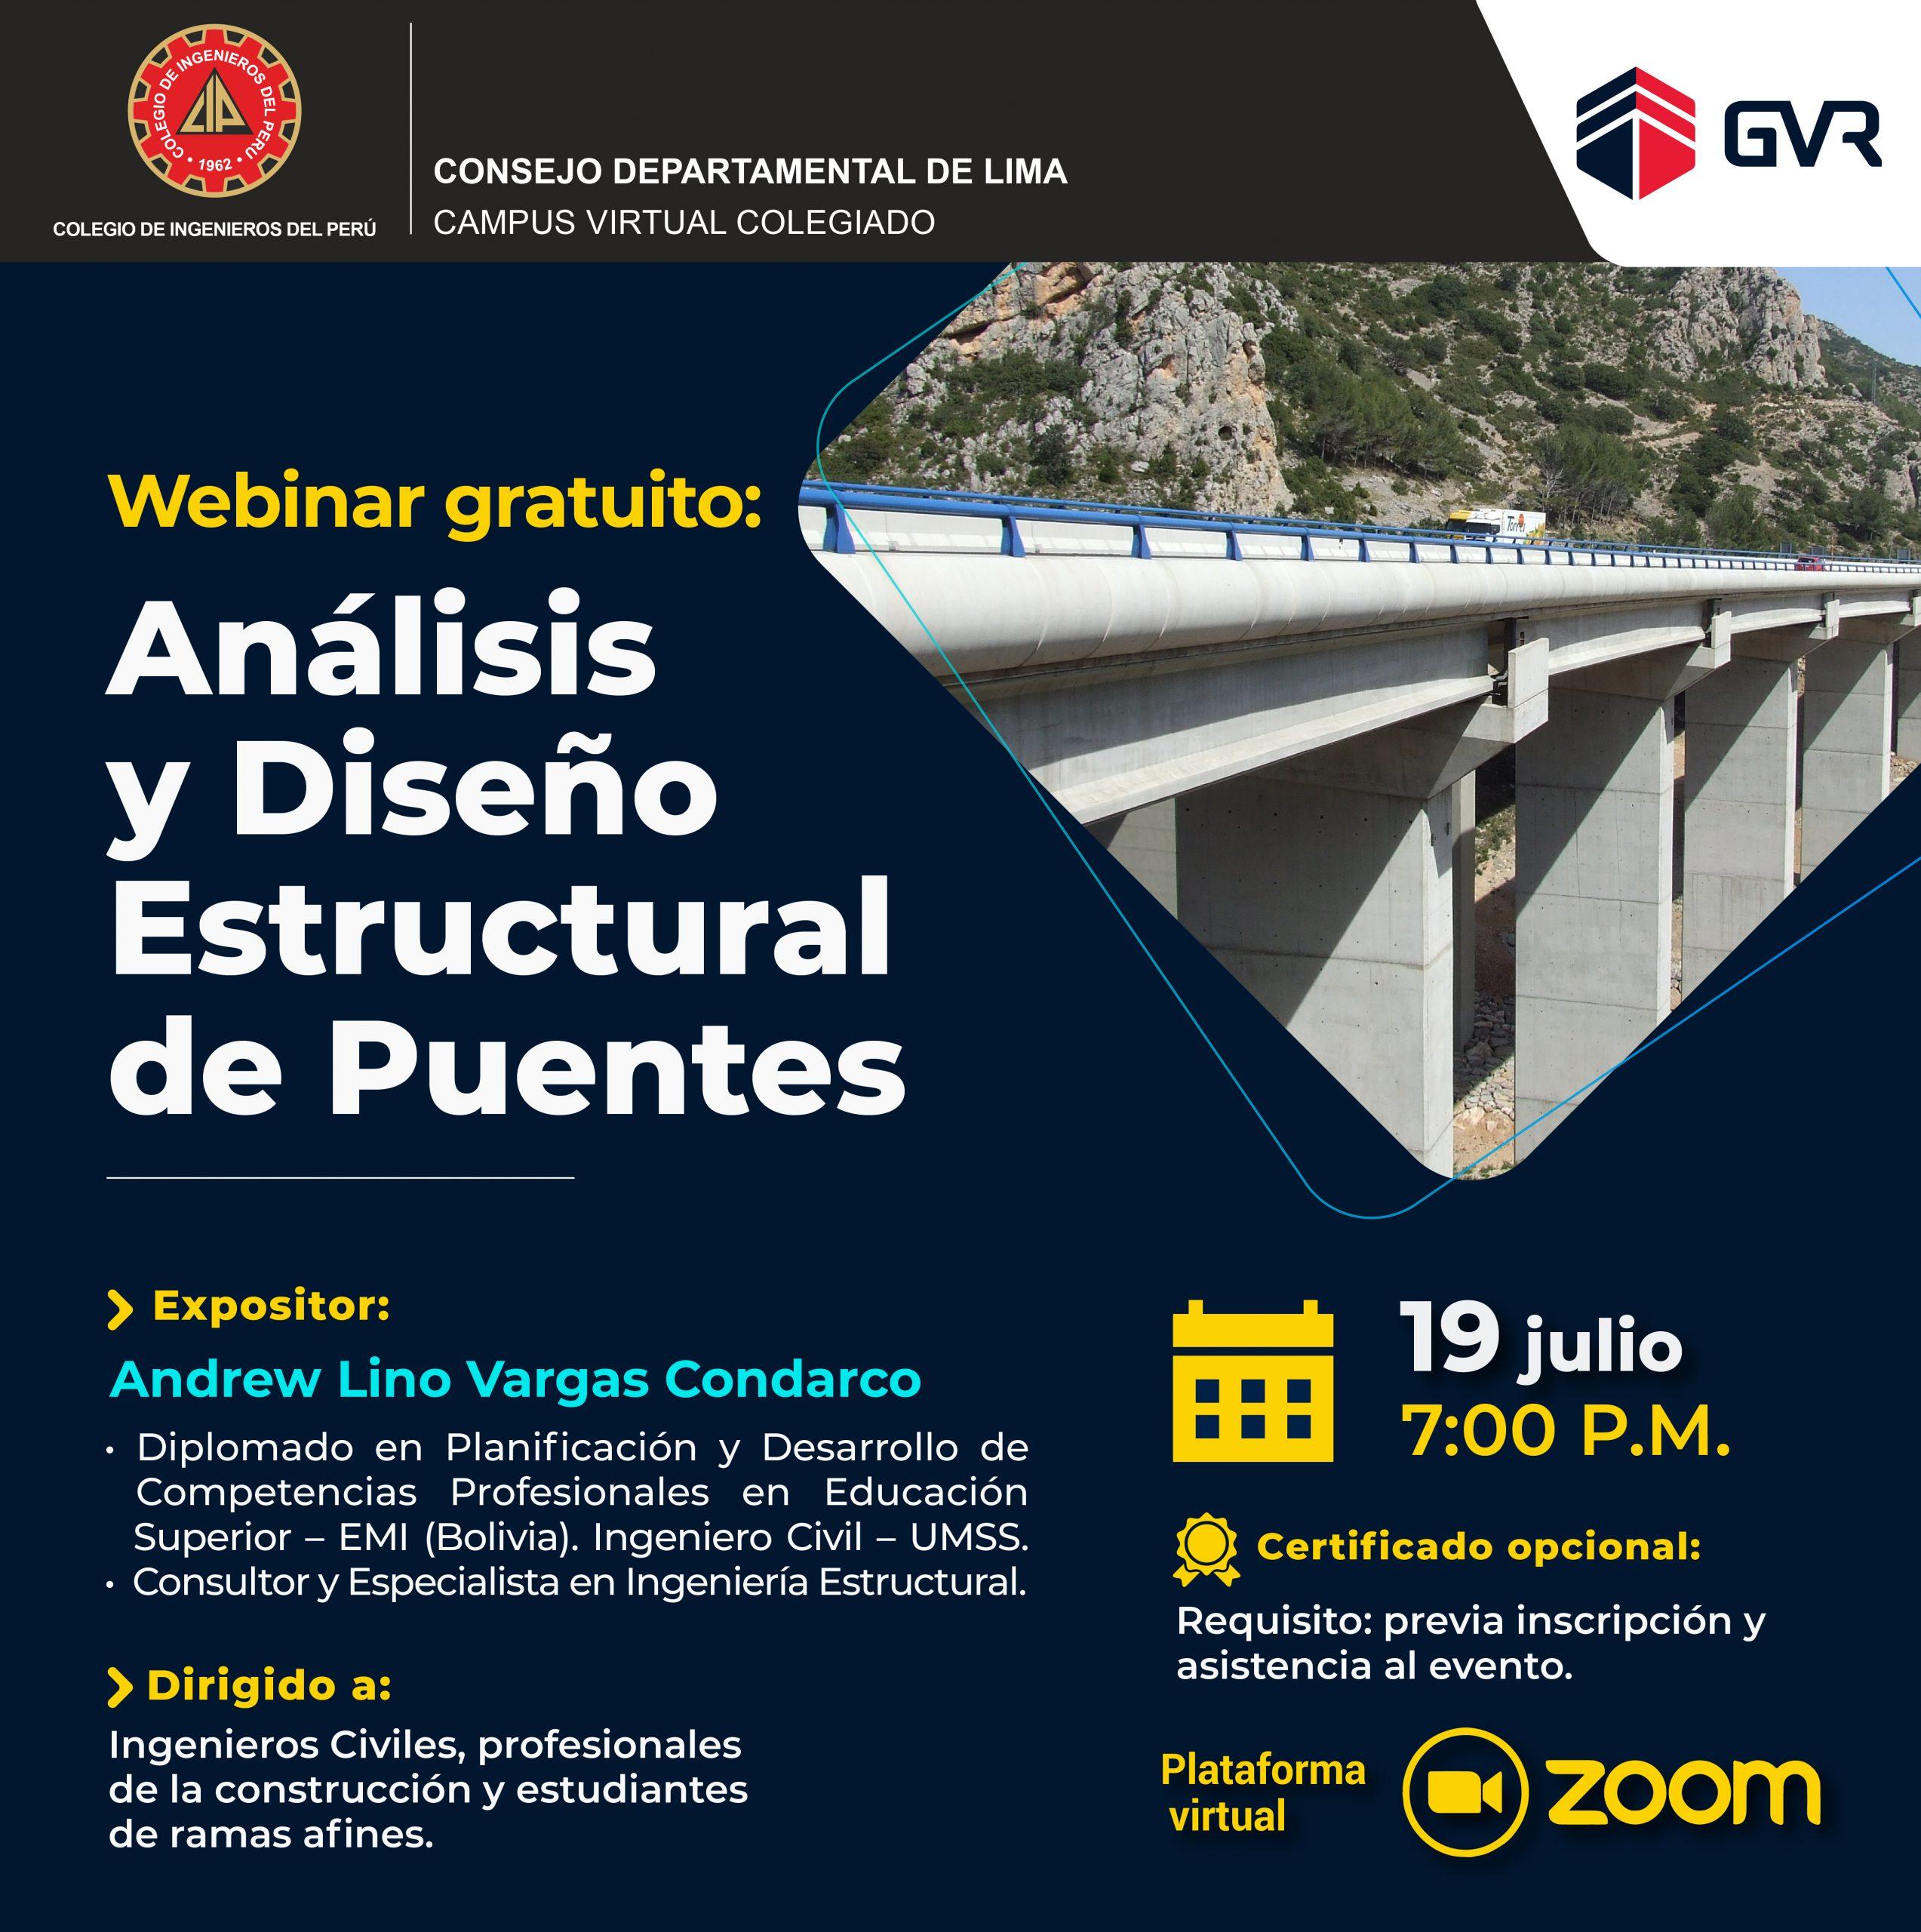 Análisis y Diseño Estructural de Puentes